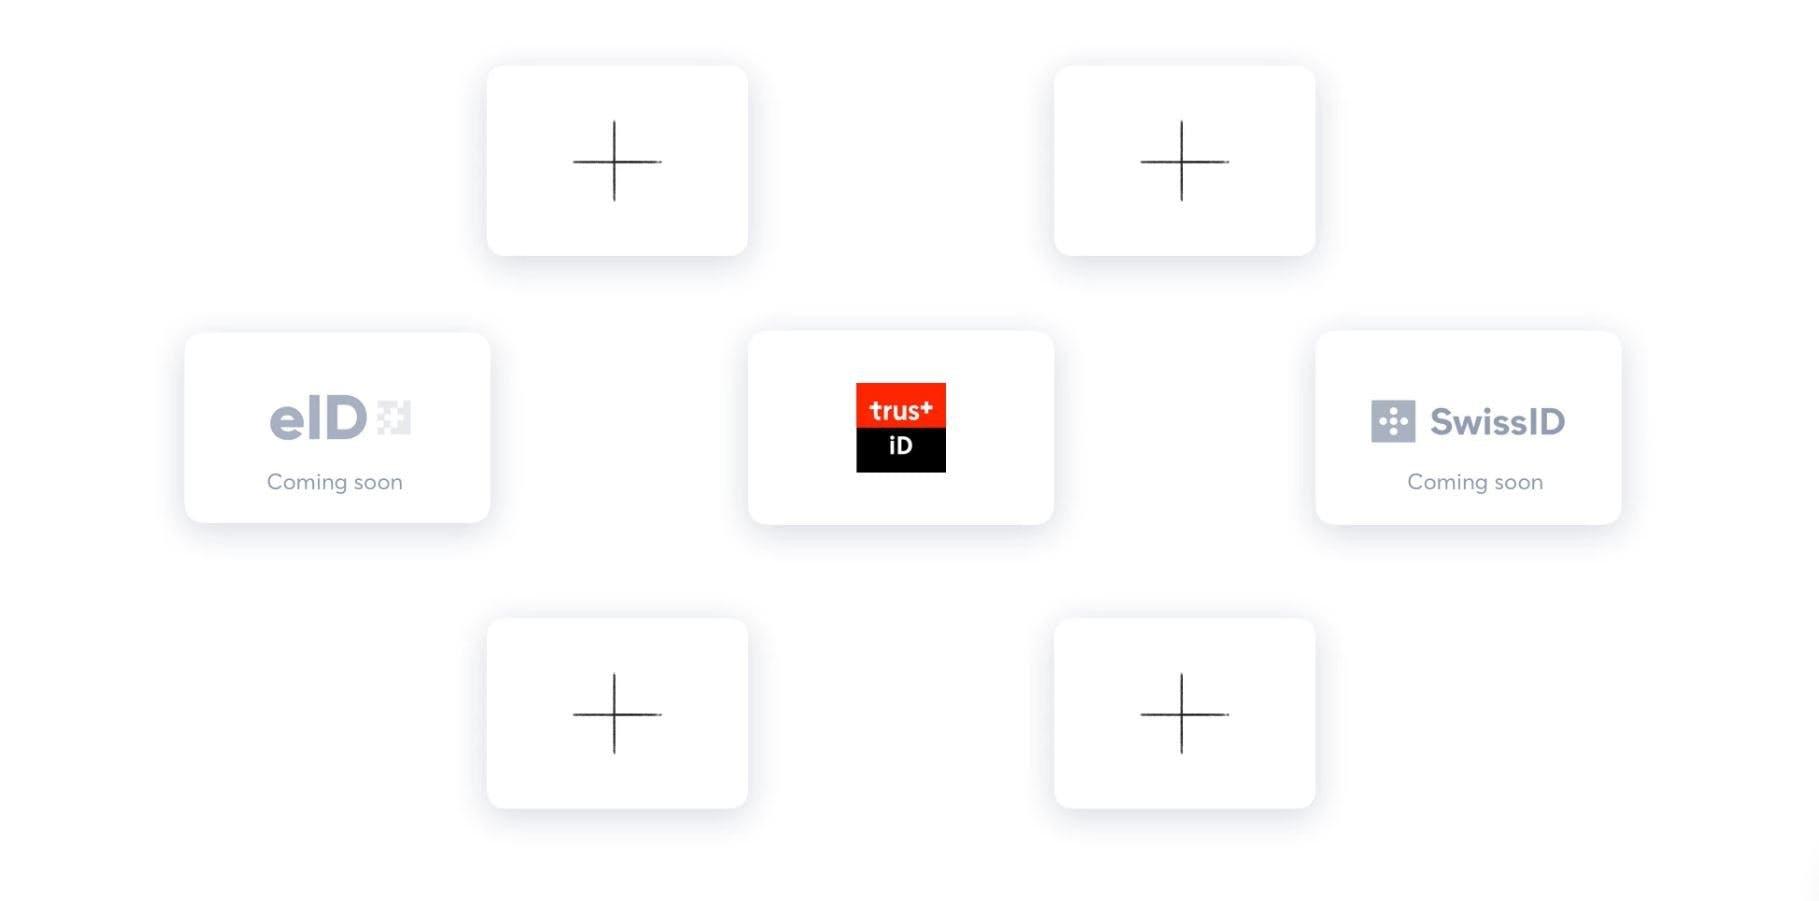 Skribble integriert laufend neue E-IDs und vereinfacht damit das Signieren mit höchster Beweiskraft auf globaler Ebene. (Quelle: Skribble)